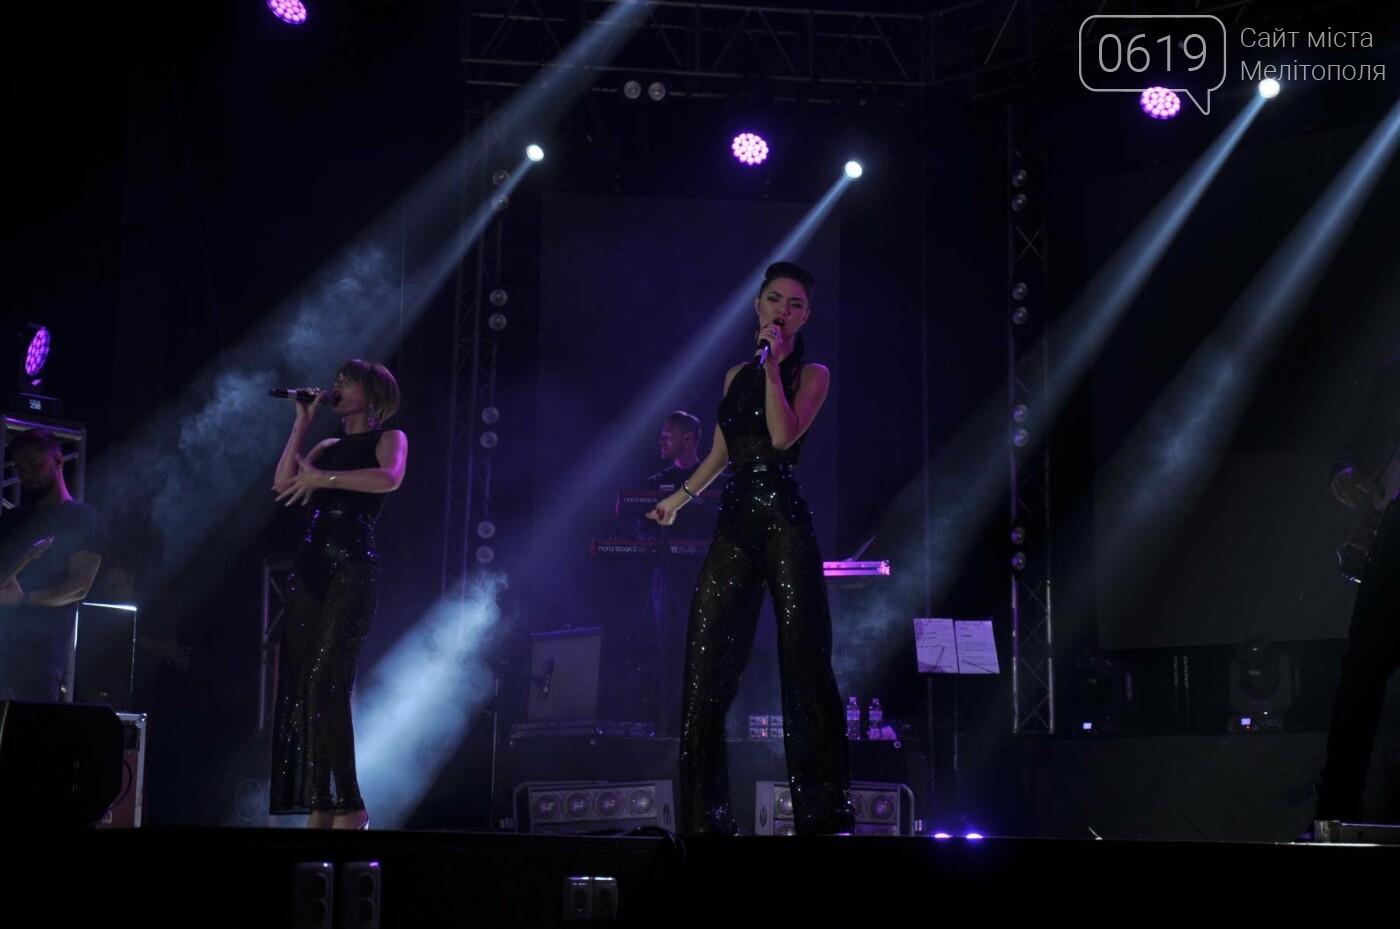 """В Мелитополе состоялся концерт группы """"НеАнгелы"""". Фоторепортаж , фото-12, Фото сайта 0619"""